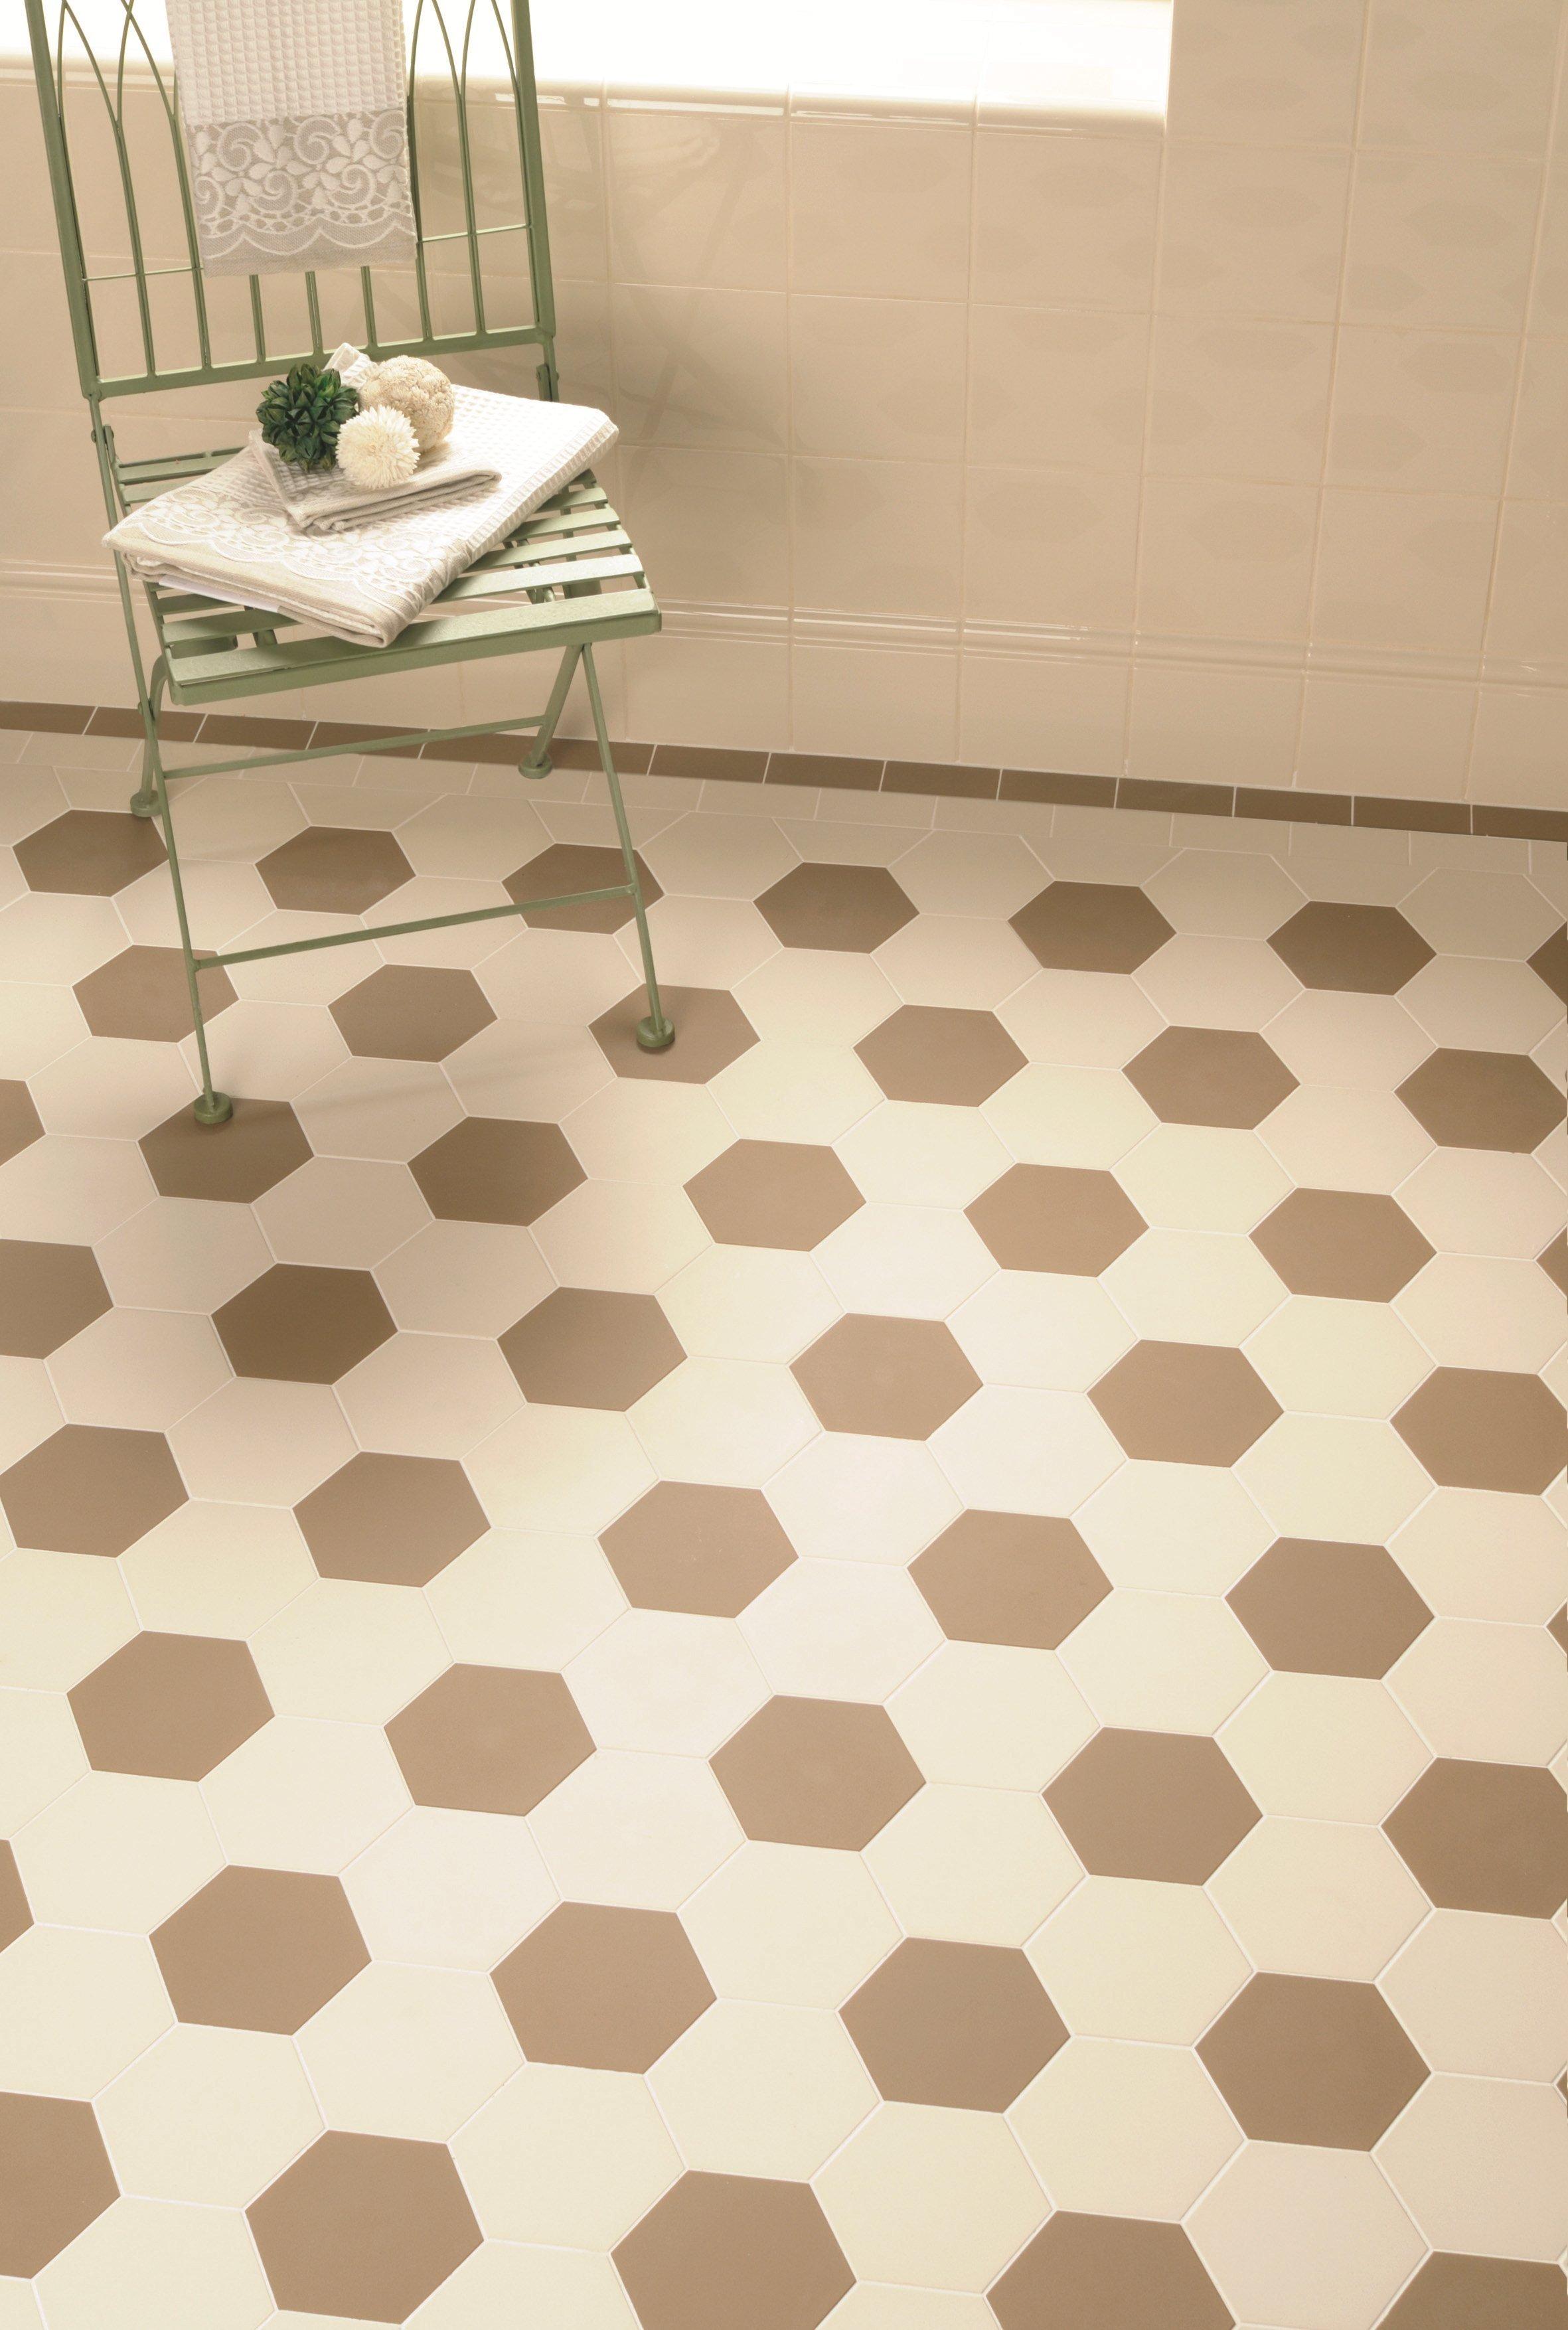 Victorian/Geometric Floor Tiles